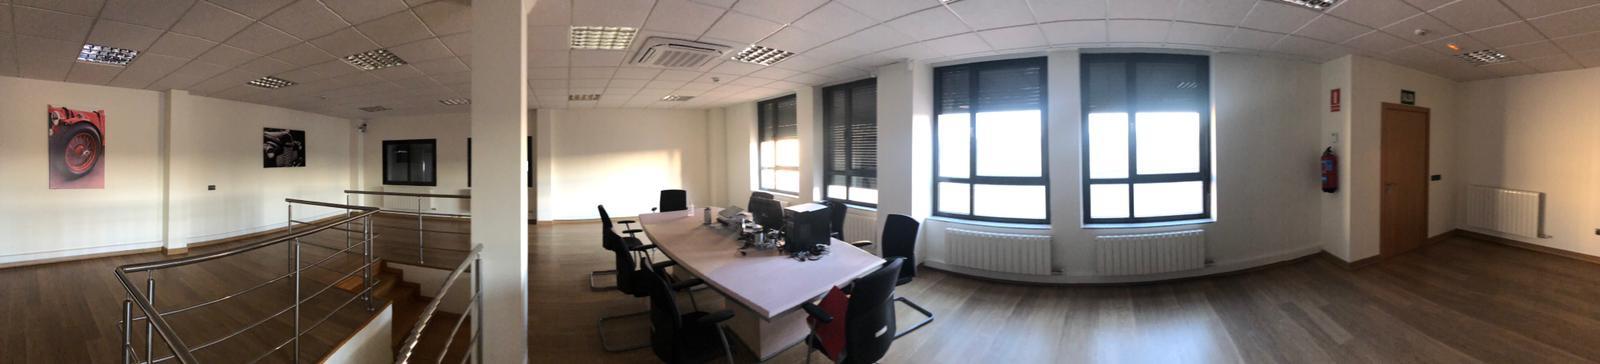 Estado inicial de los espacios de oficinas en Salamanca, espacio abierto para dividir en sala de juntas y despachos, proyecto interiorismo online @Utrillanais